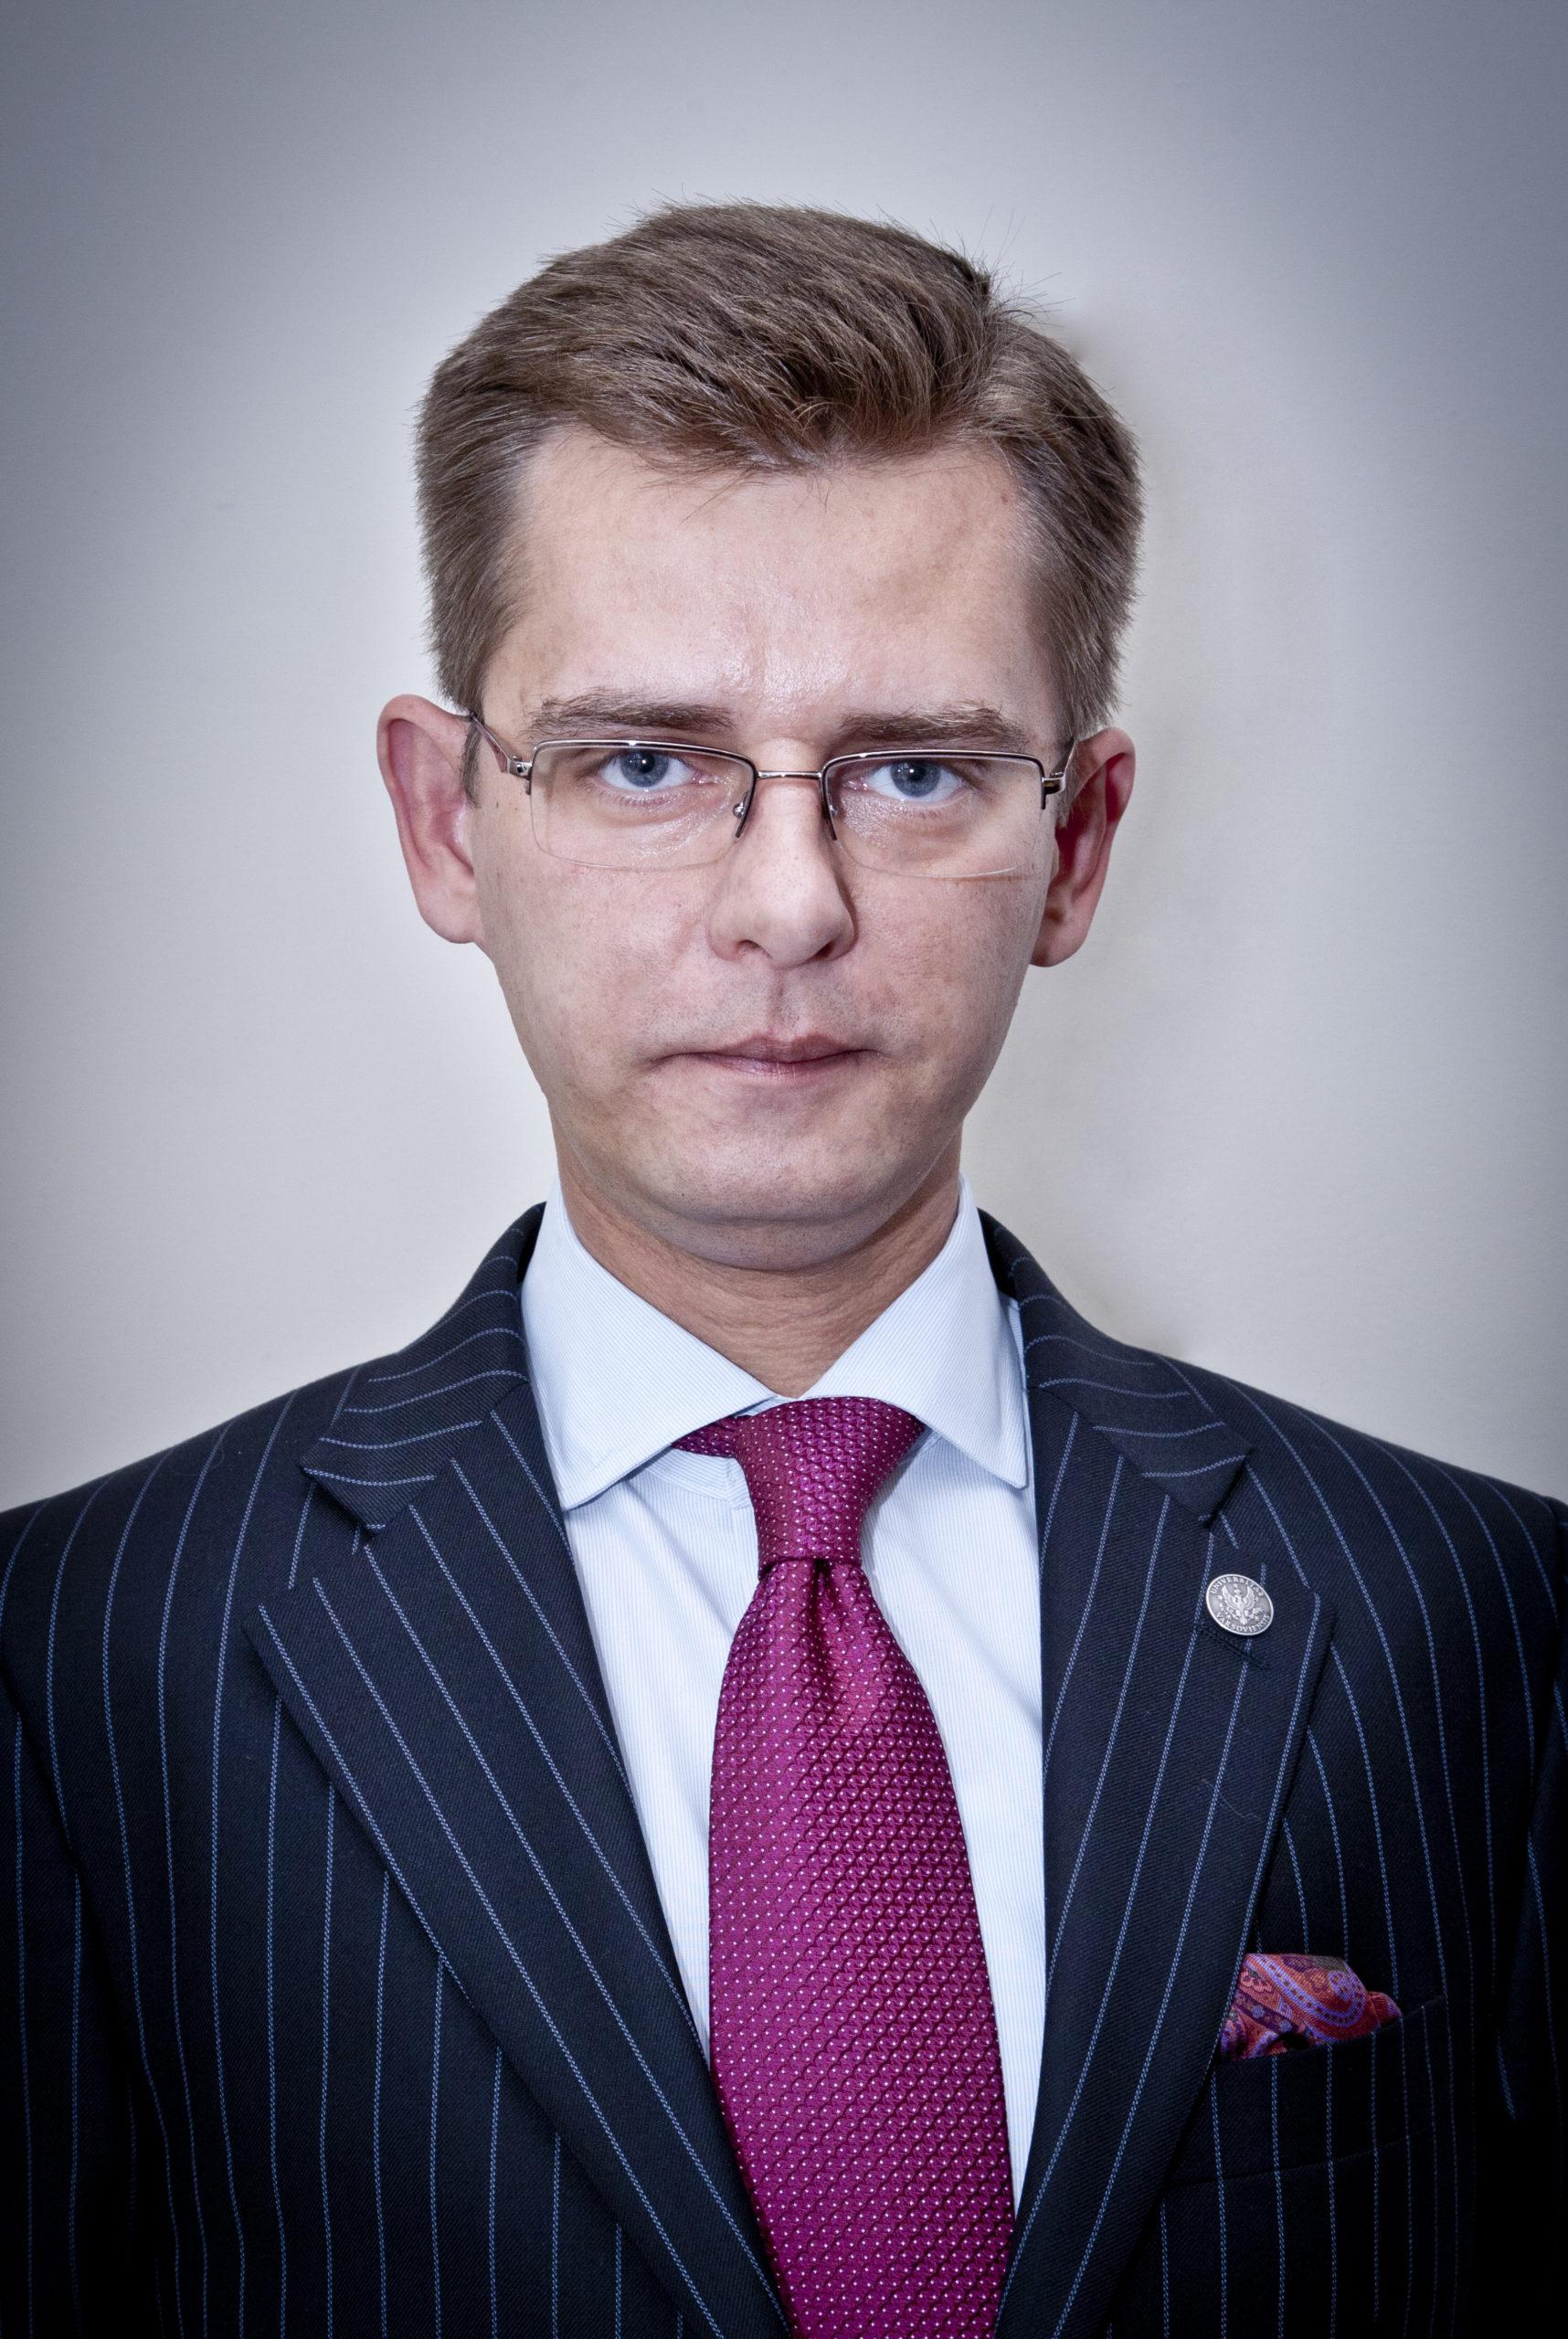 Россия разрабатывает оружие, которое опасно для нее самой, — эксперт